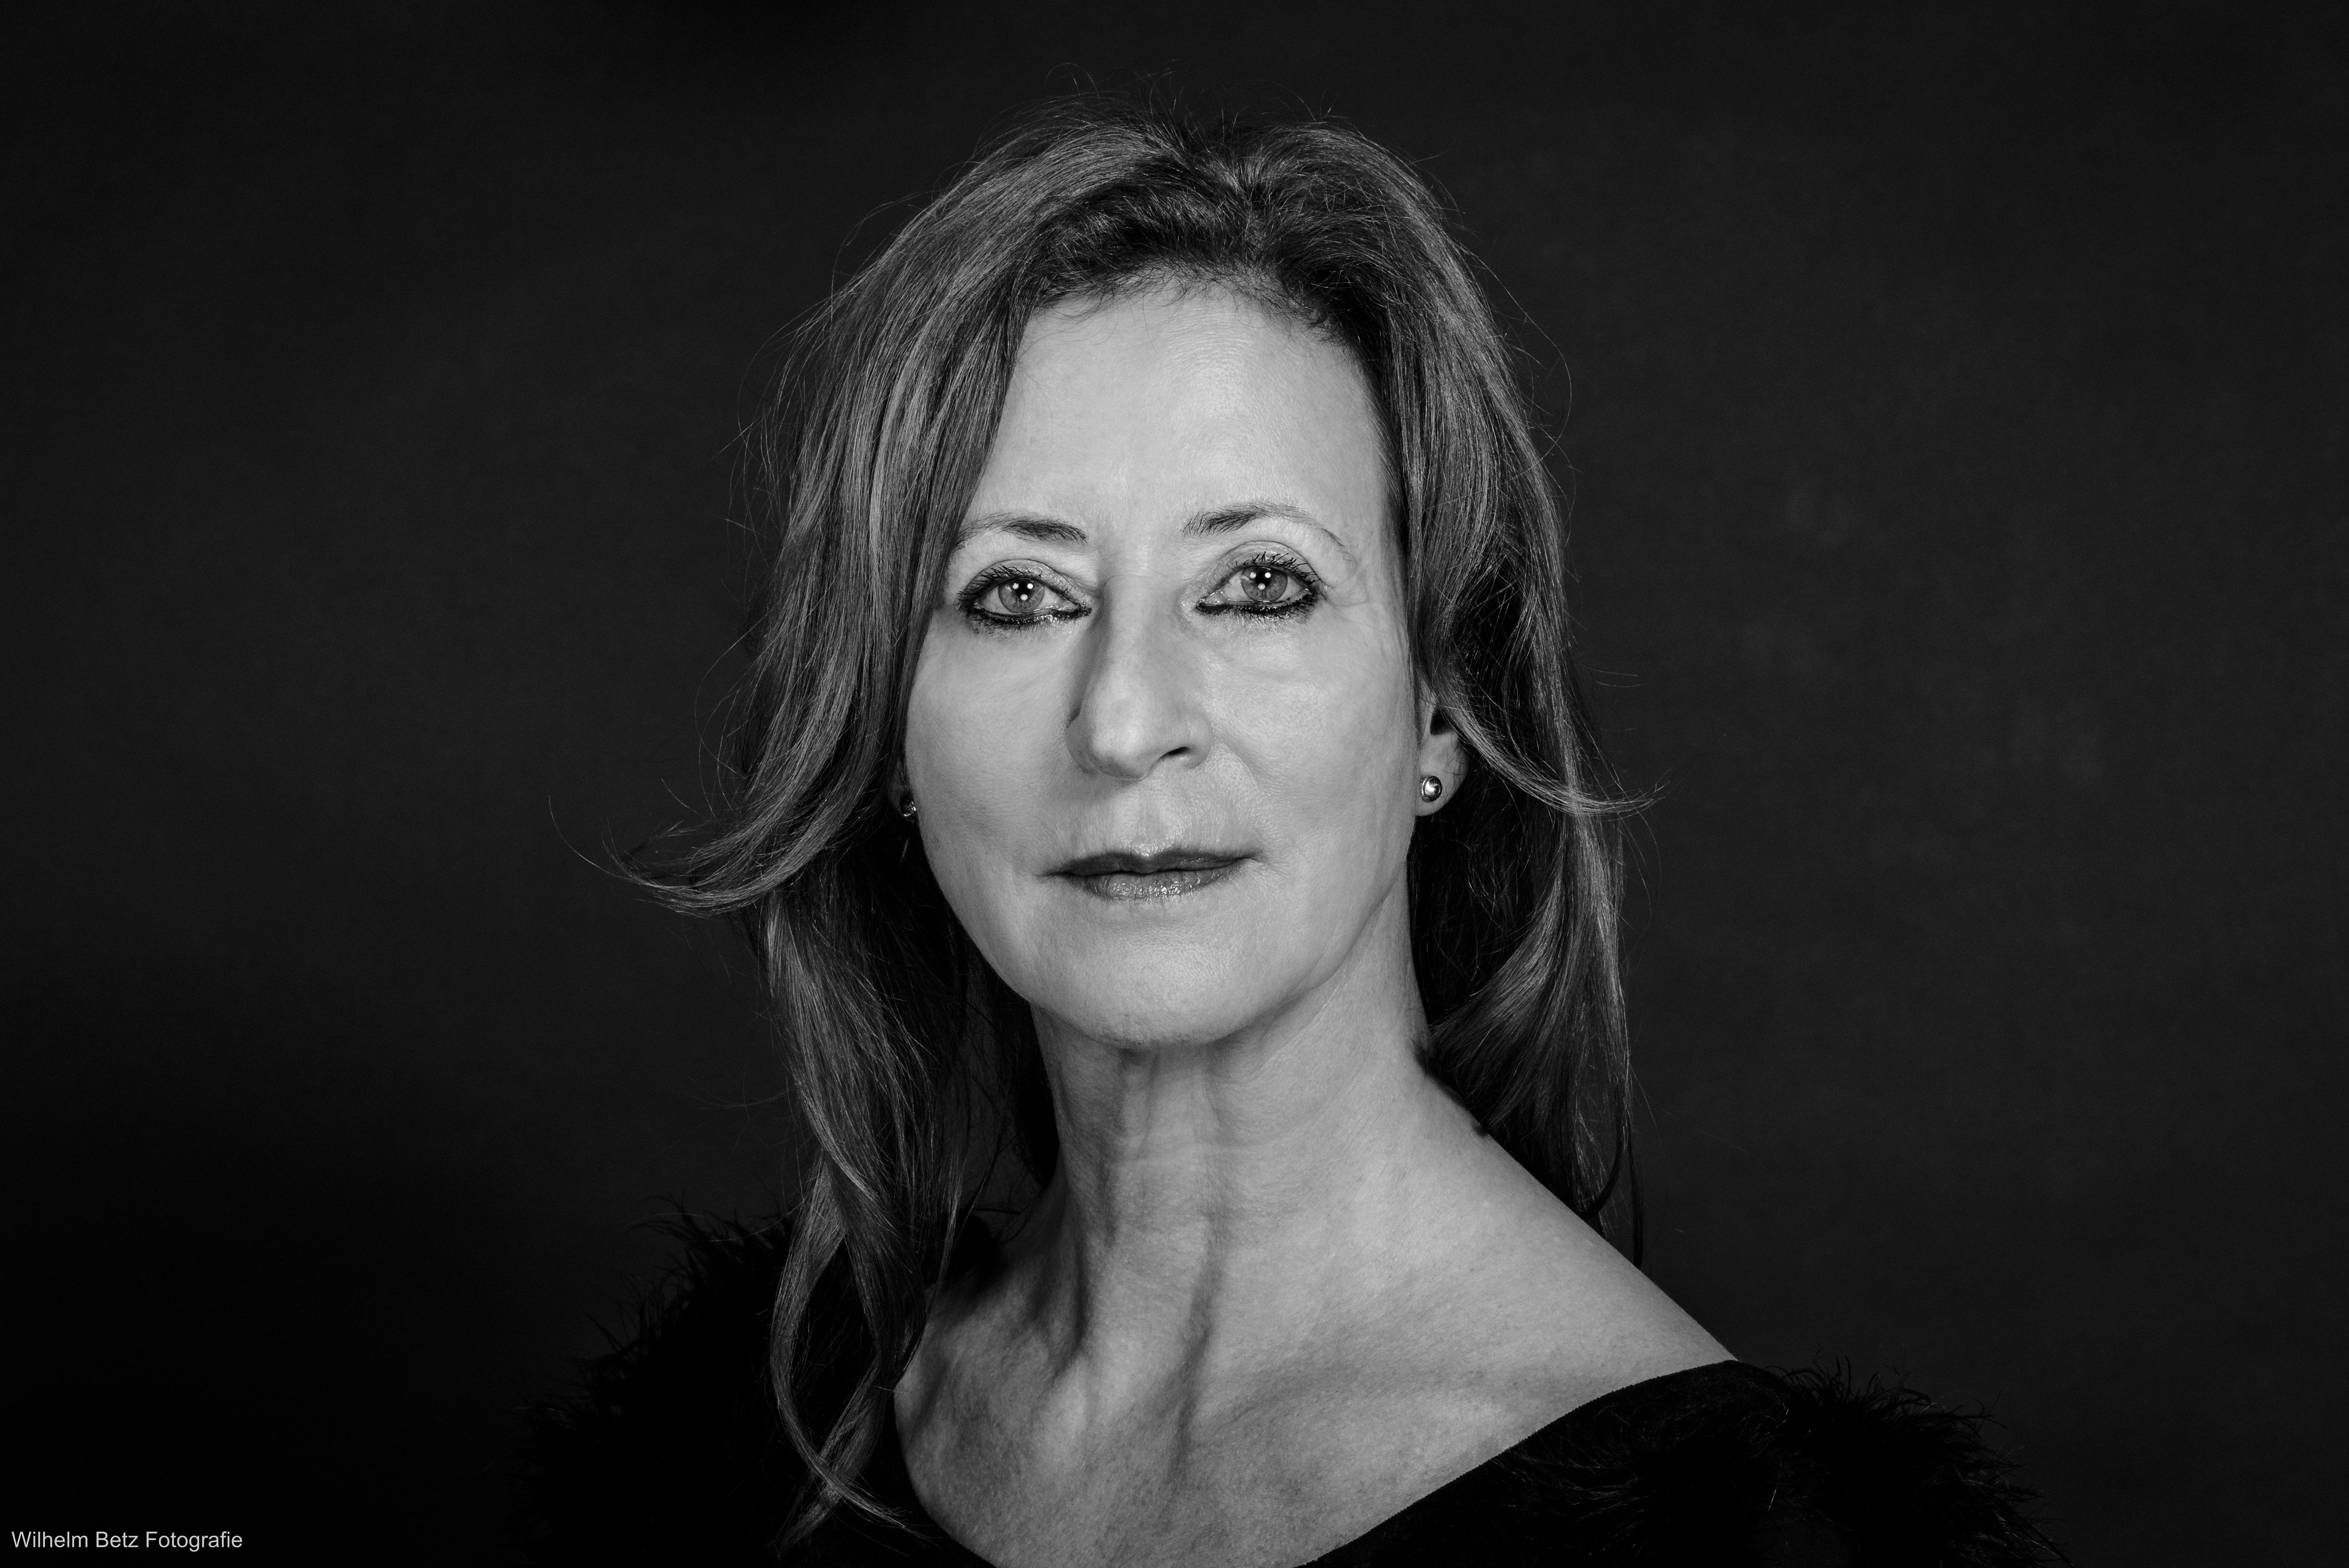 Susanne Gräfin Adelmann